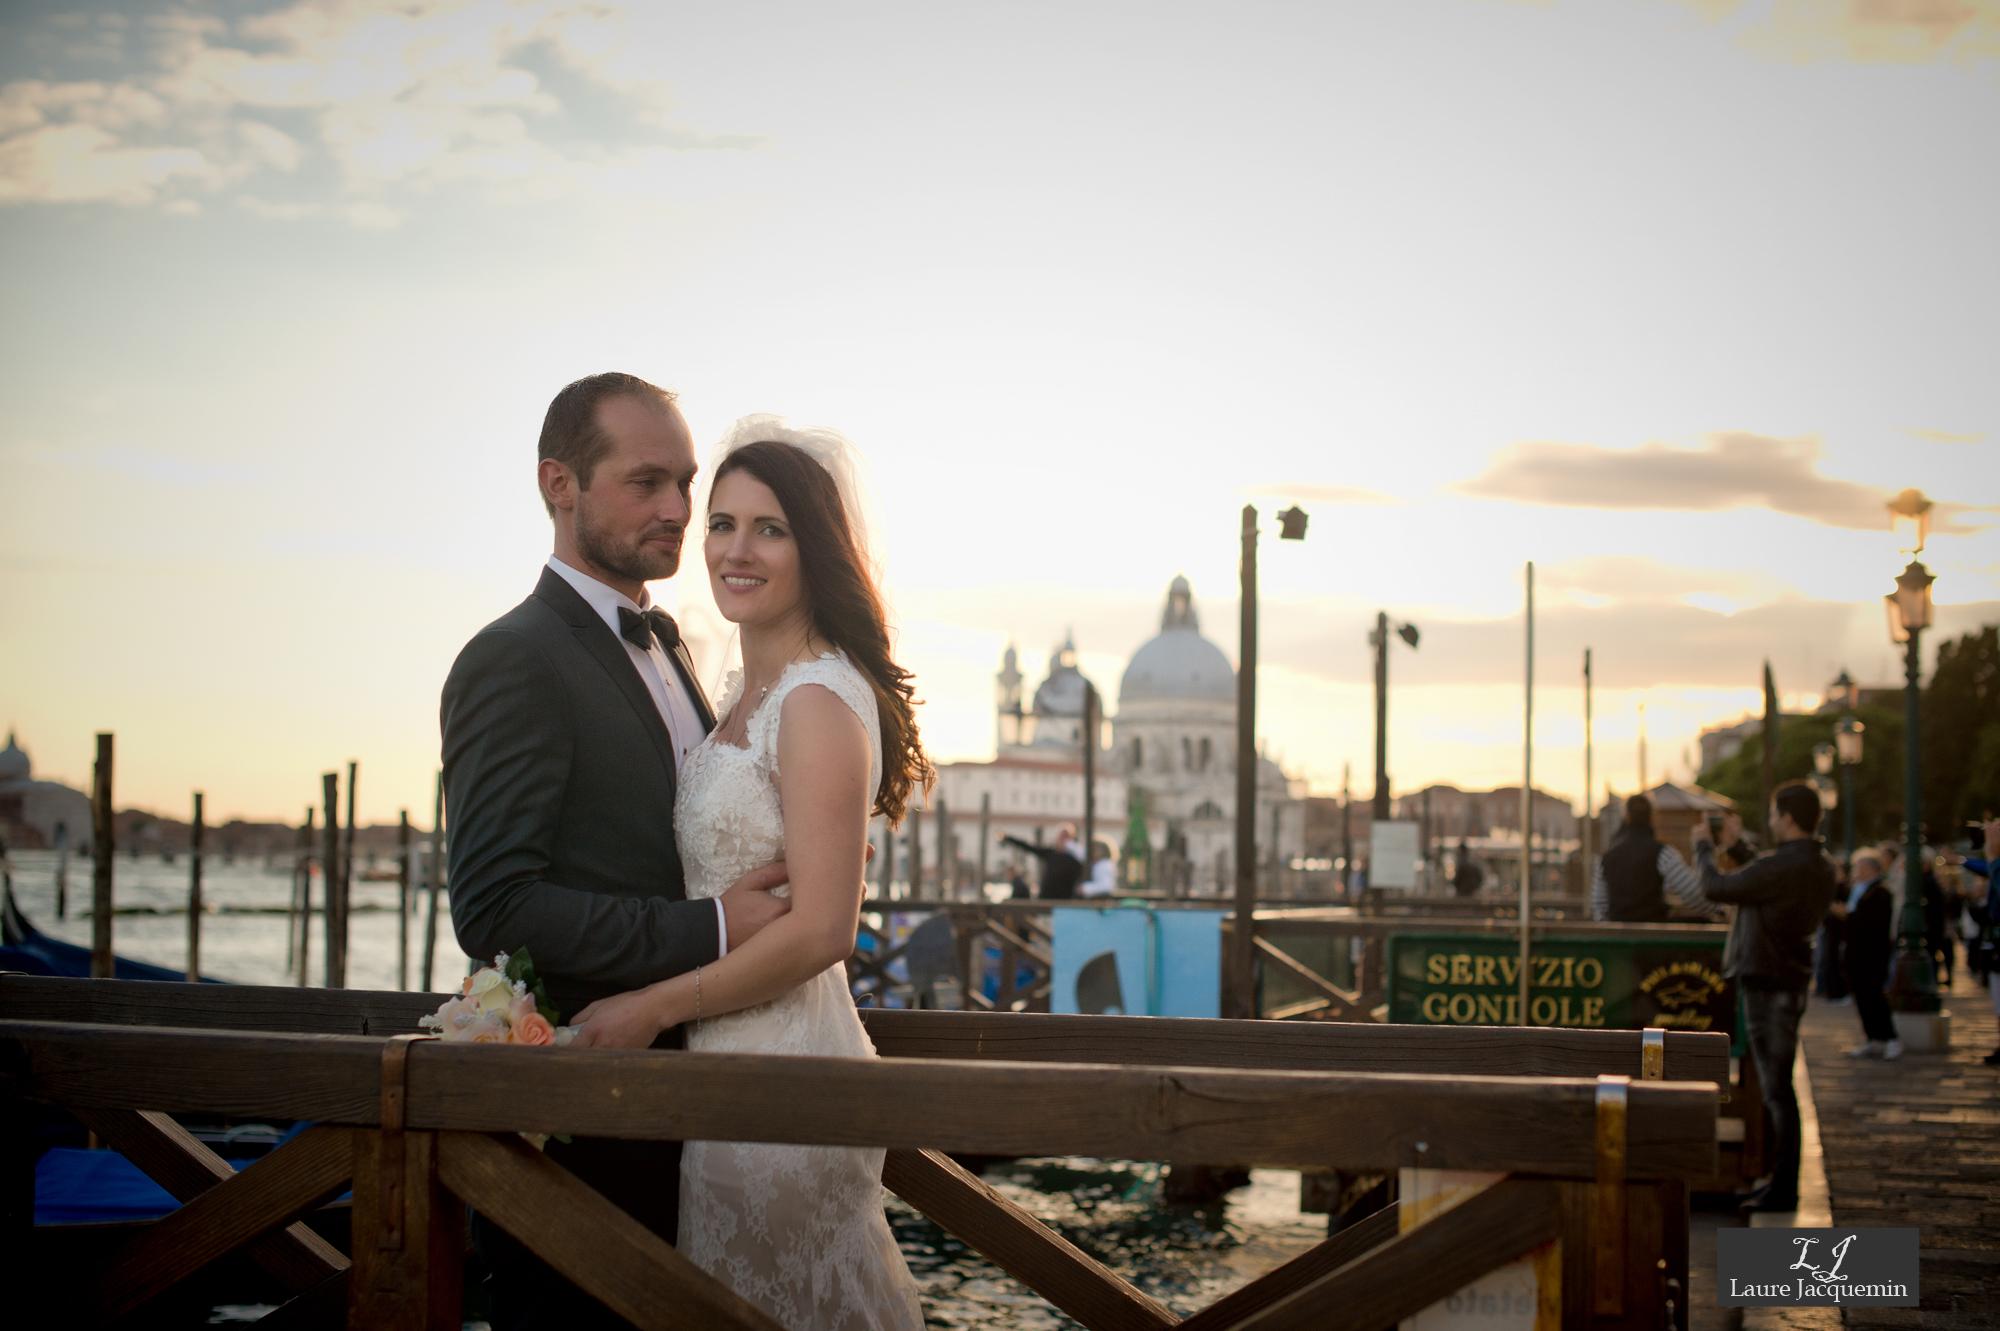 photographe mariage laure jacquemin palazzo cavalli service photographique (102)